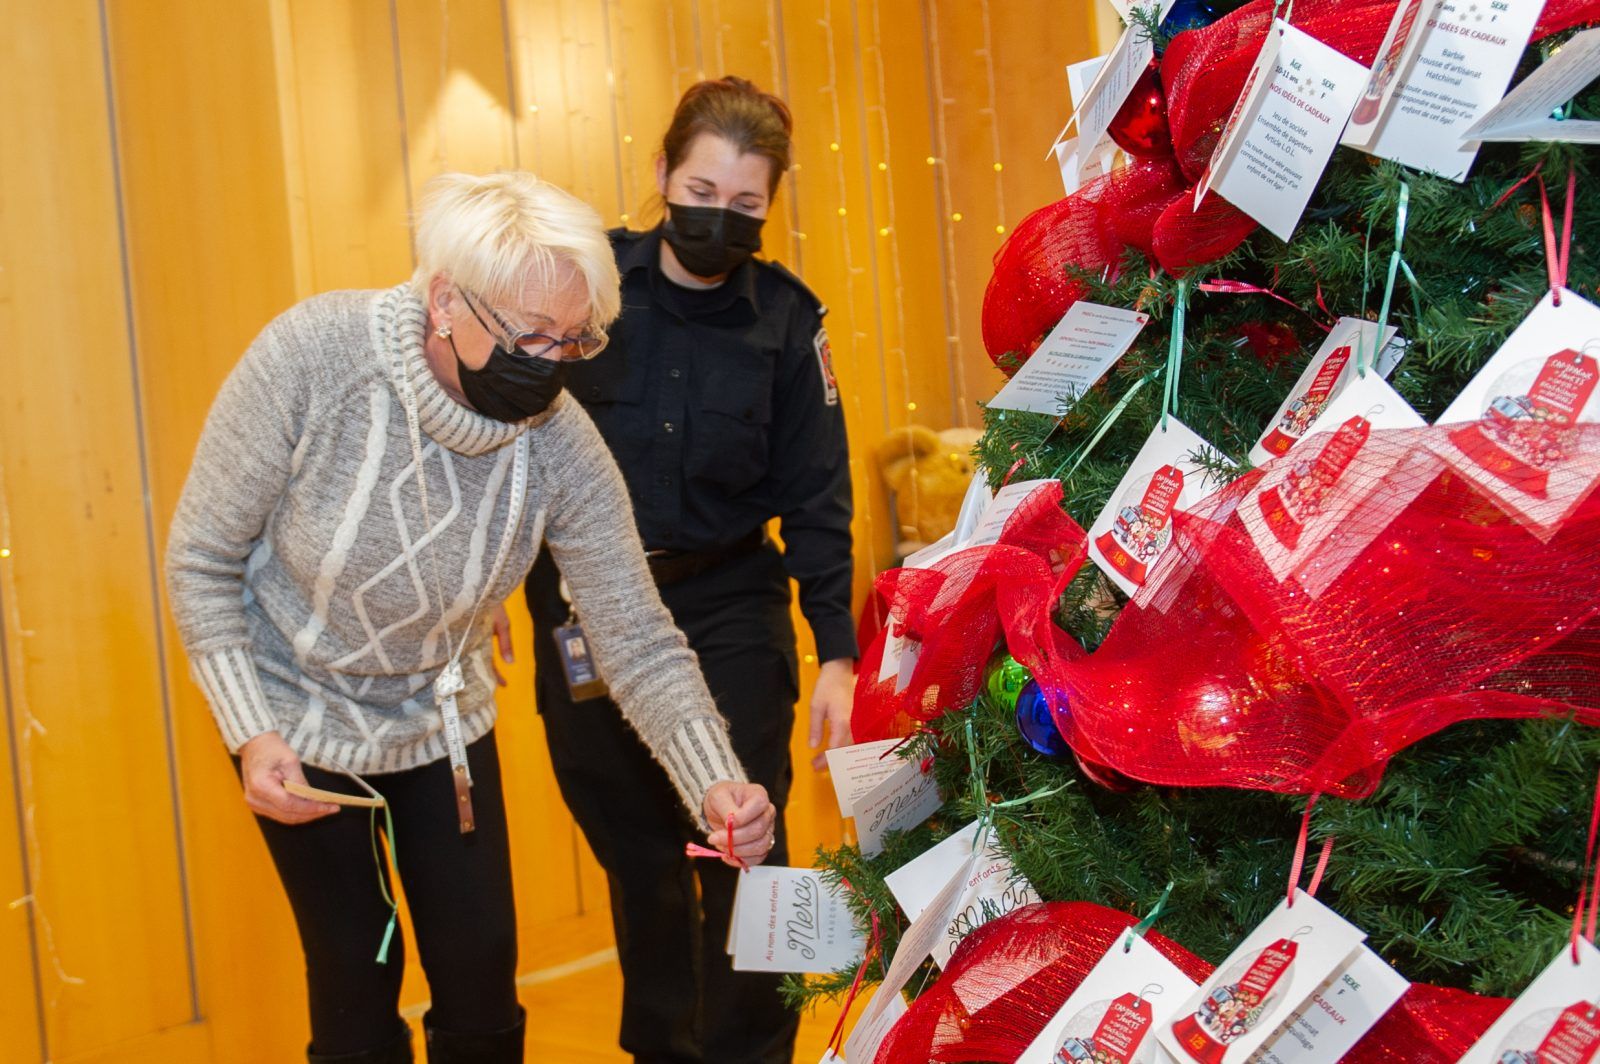 Un cadeau de Noël pour des enfants en milieu vulnérable